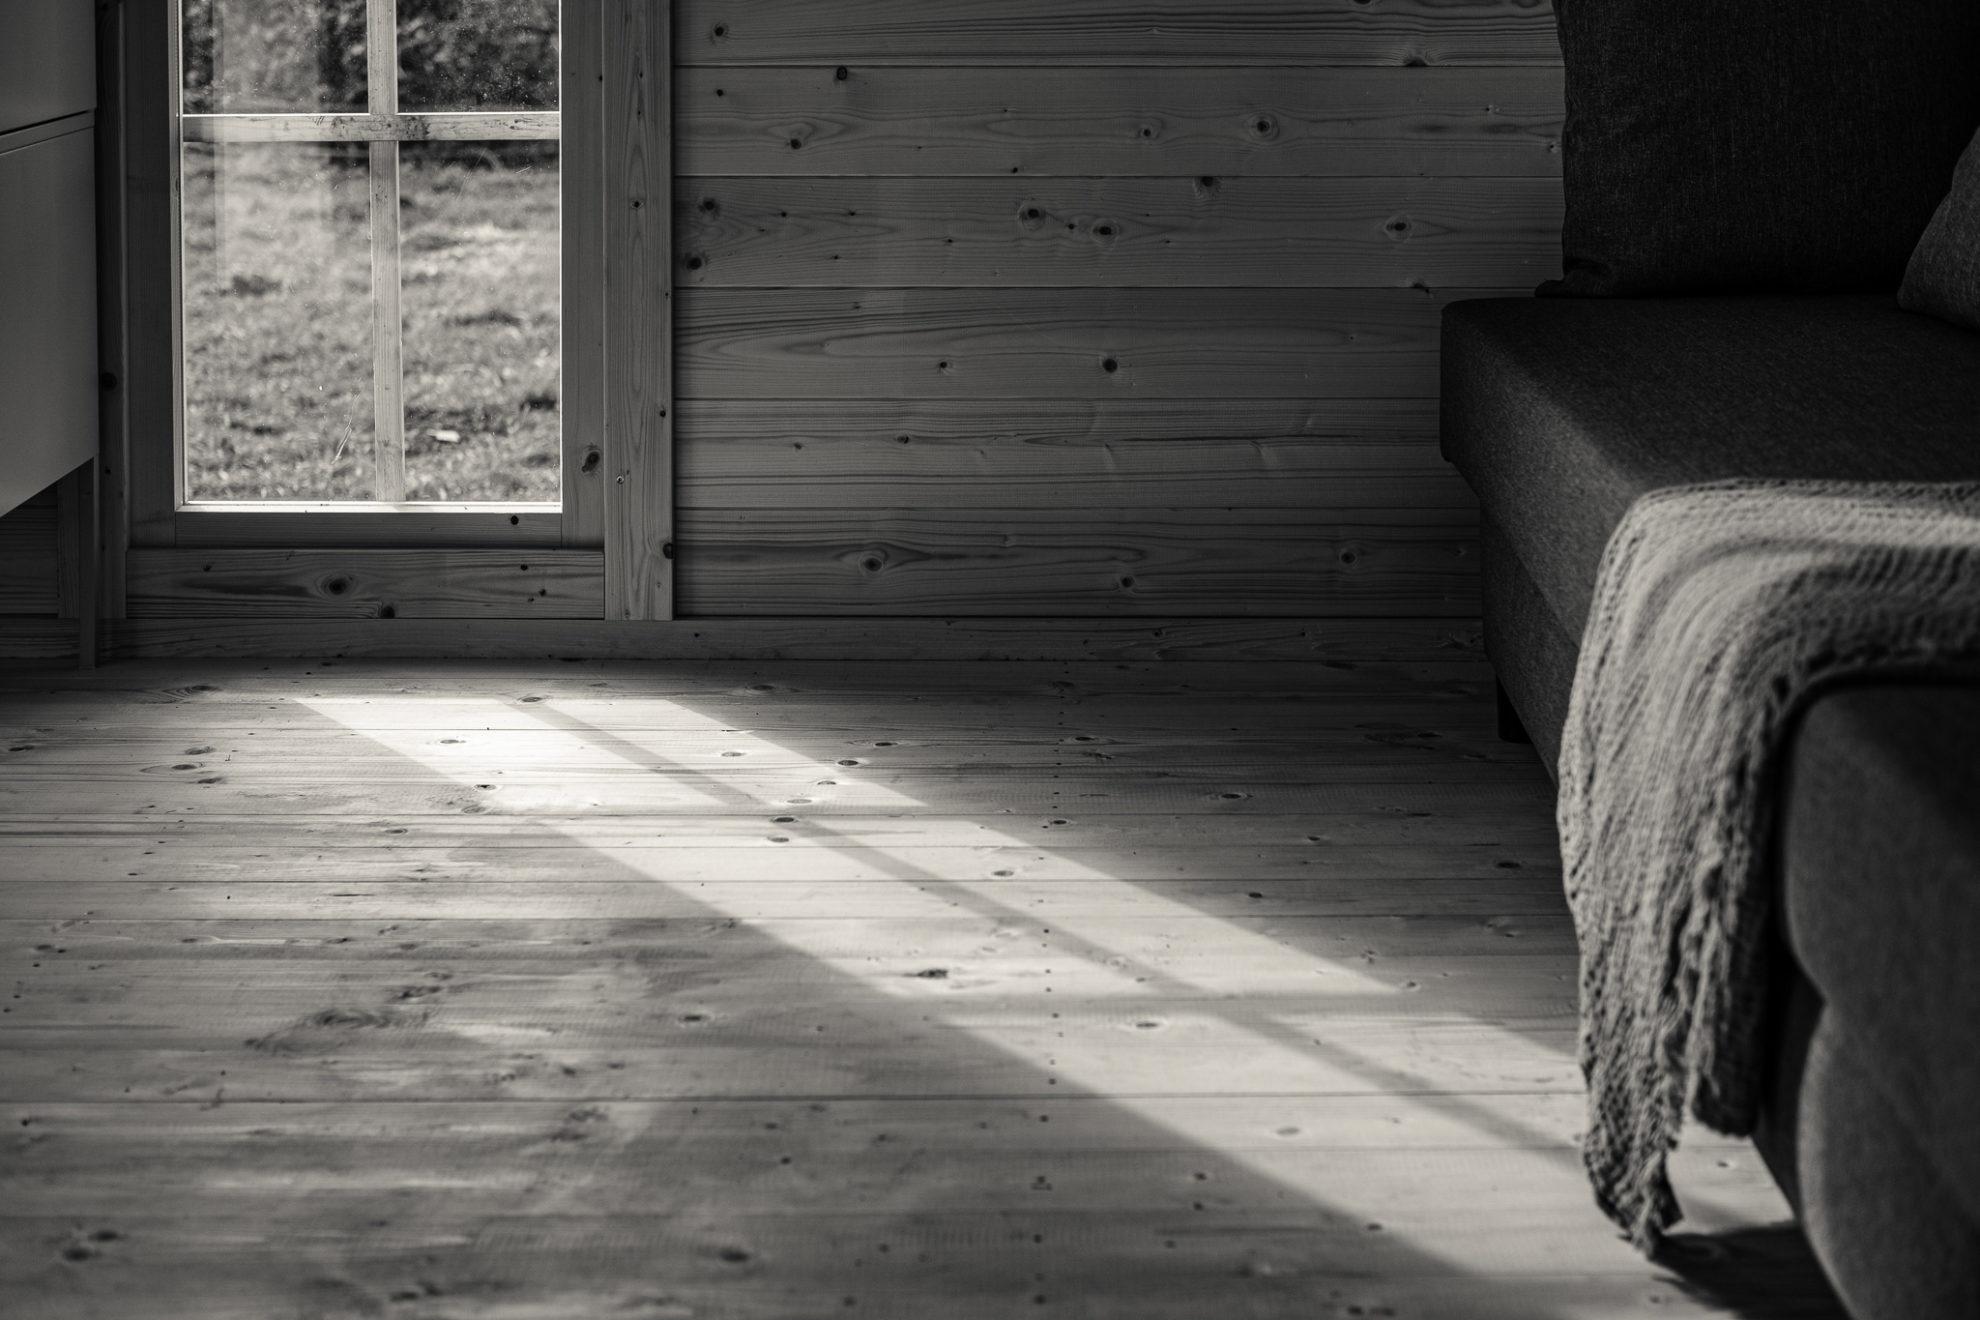 Sonnenstrahlen bilden das Fenster auf dem Holzboden ab. Der Holzboden zeigt im Schattenspiel seine raue Struktur. Im rechten Teil des Bildes fallen die Sonnenstrahlen auf eine Decke, die von einem Sofa herunterhängt.